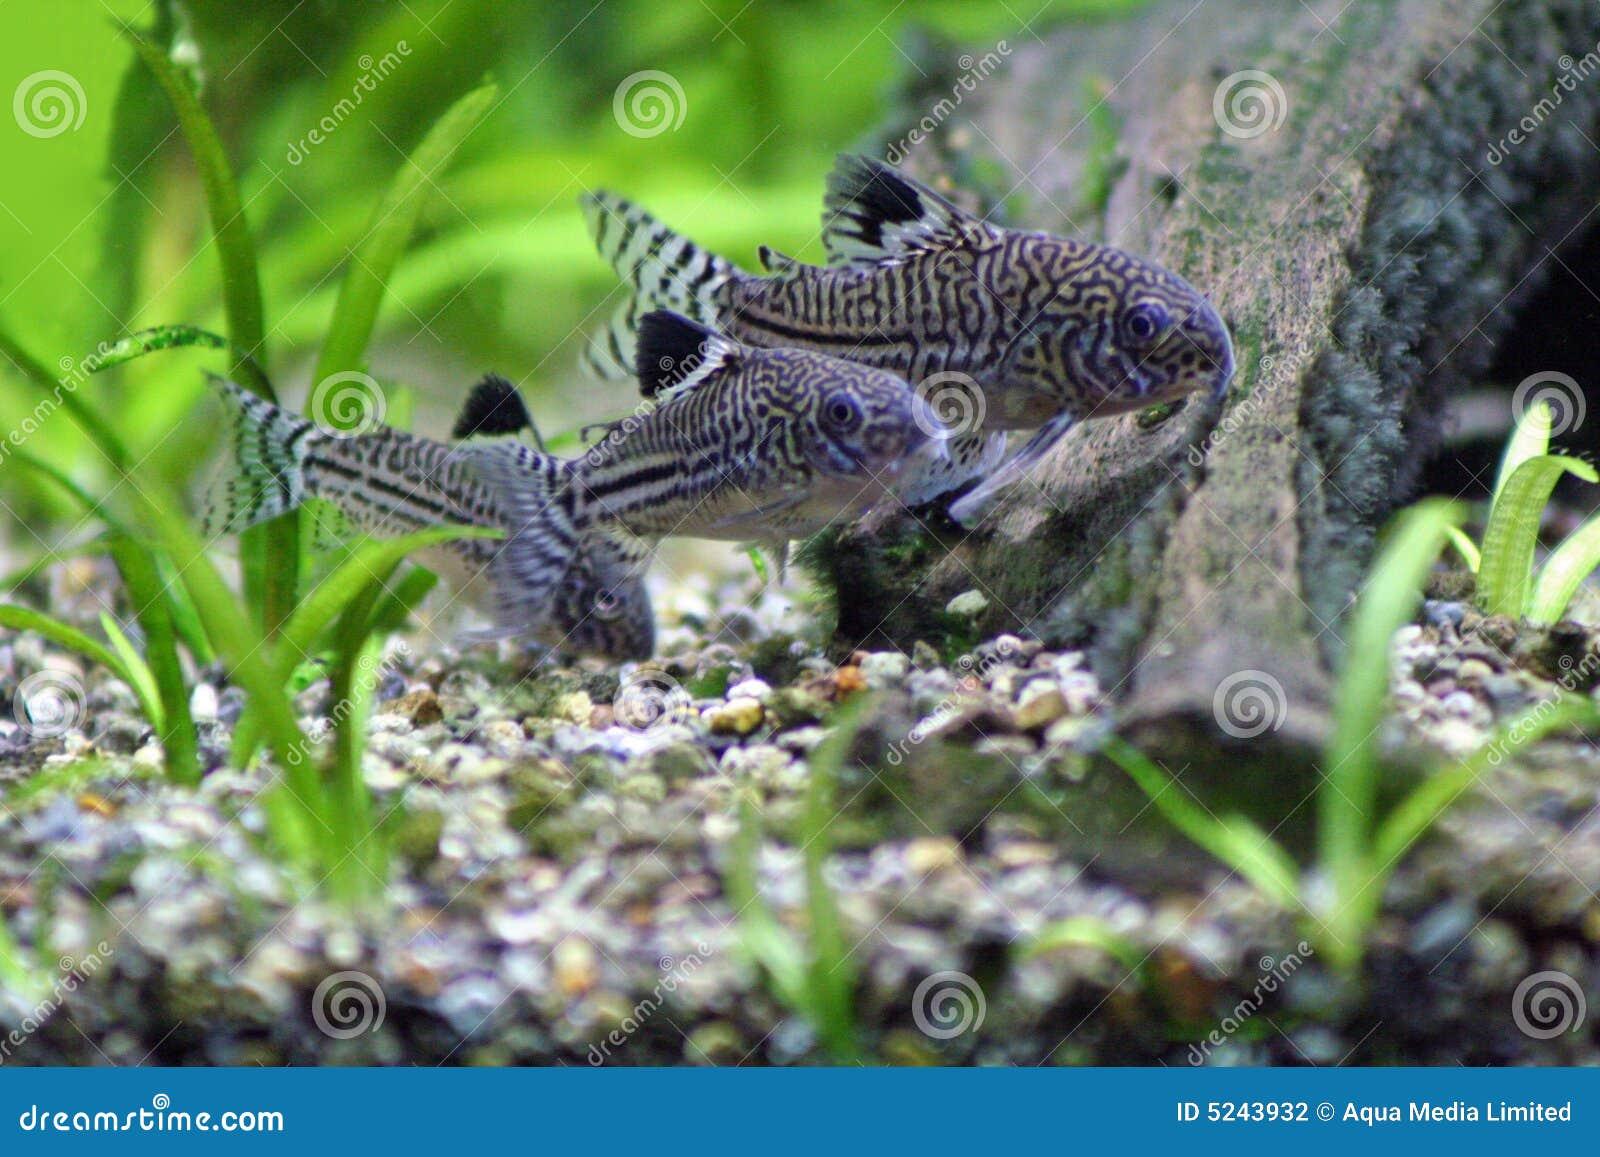 Three Corydoras Trinilleatus Catfish, tropical aquarium fish. Space ...